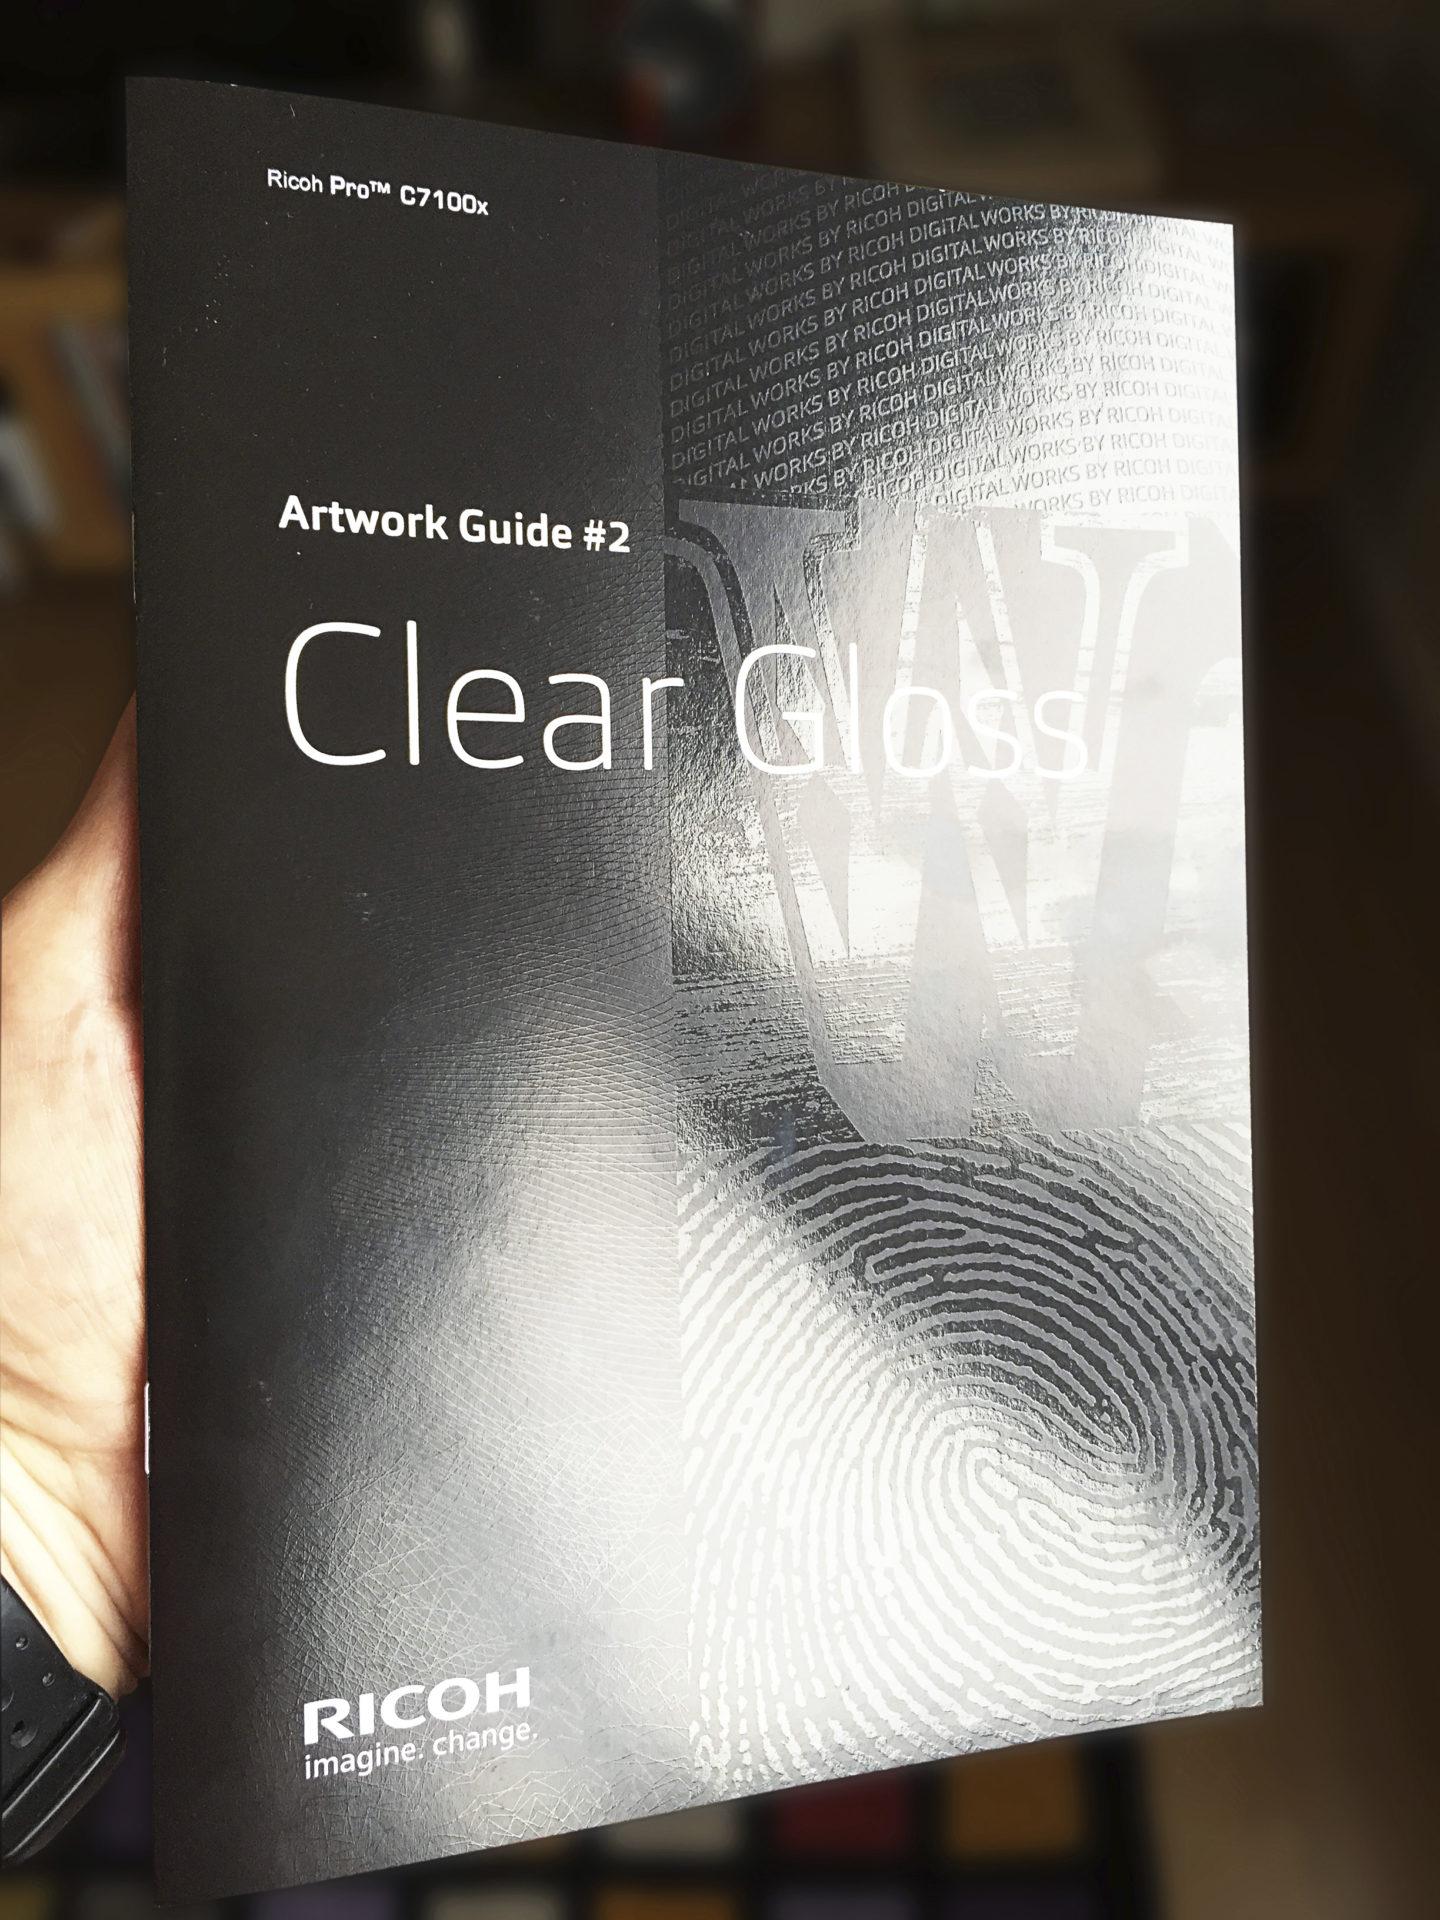 Valkoinen väri ja lakka tuovat digipainotuotteeseen uudenlaisia mahdollisuuksia. Kuvassa on tulostettu valkoinen väri mustalle paperille ja grafiikka on viimeistelty lakka-aineella.